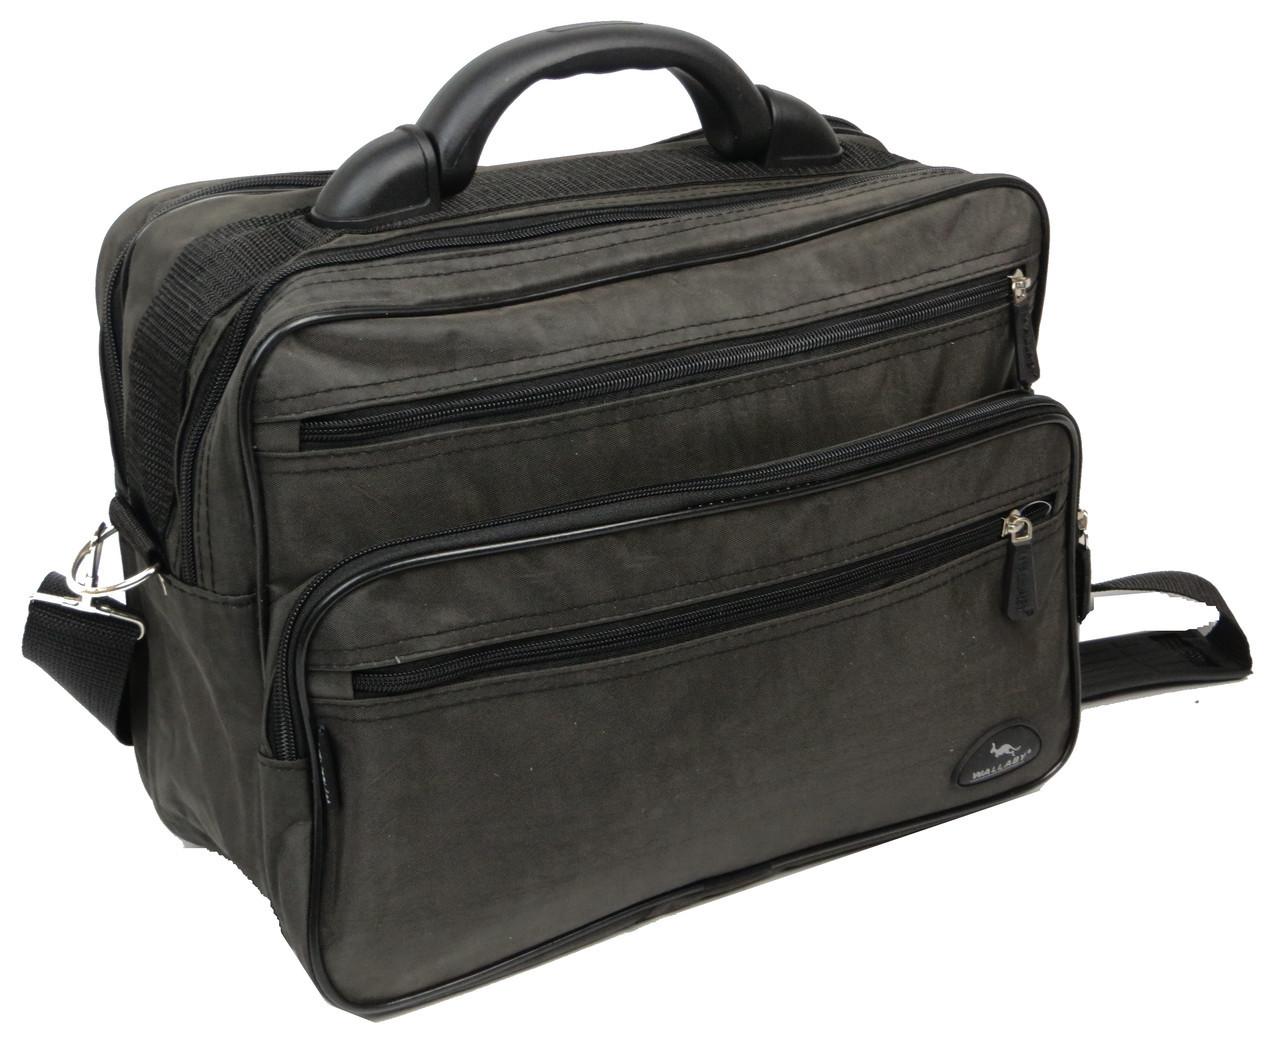 Тканевый сумкой портфель Wallaby 2653 хаки